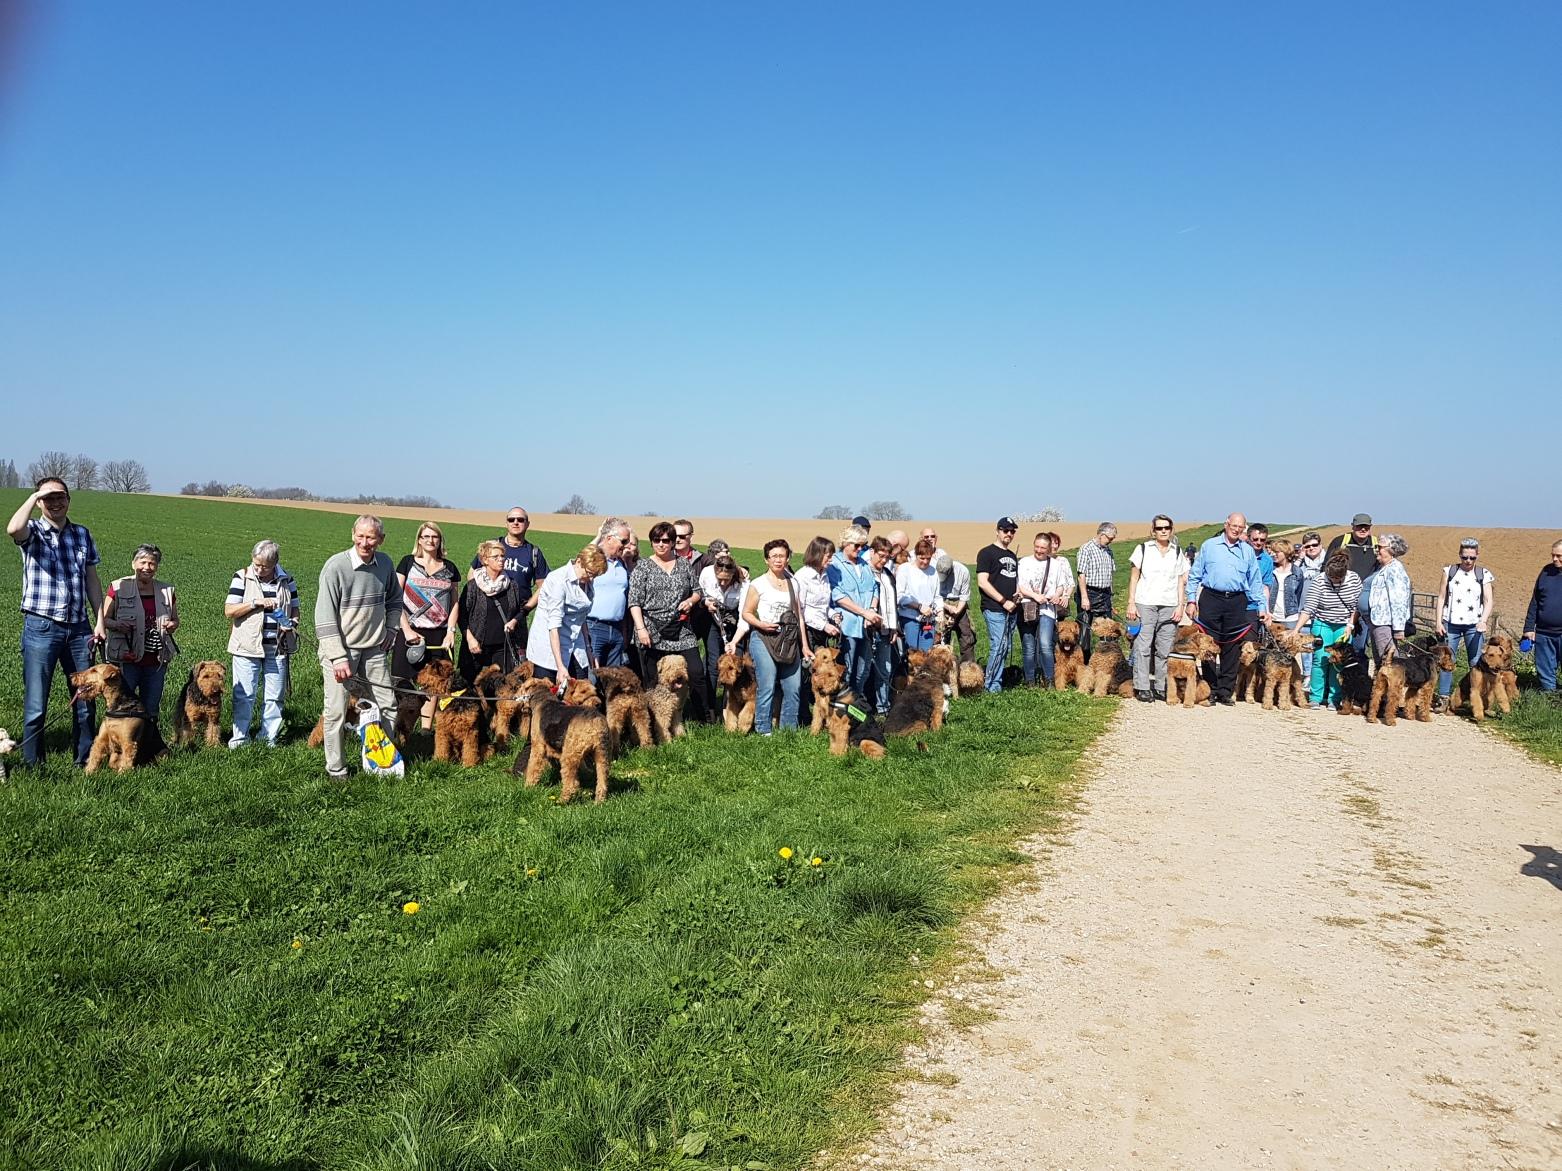 ATVN Groep Wandeling Limburg 2017 full size